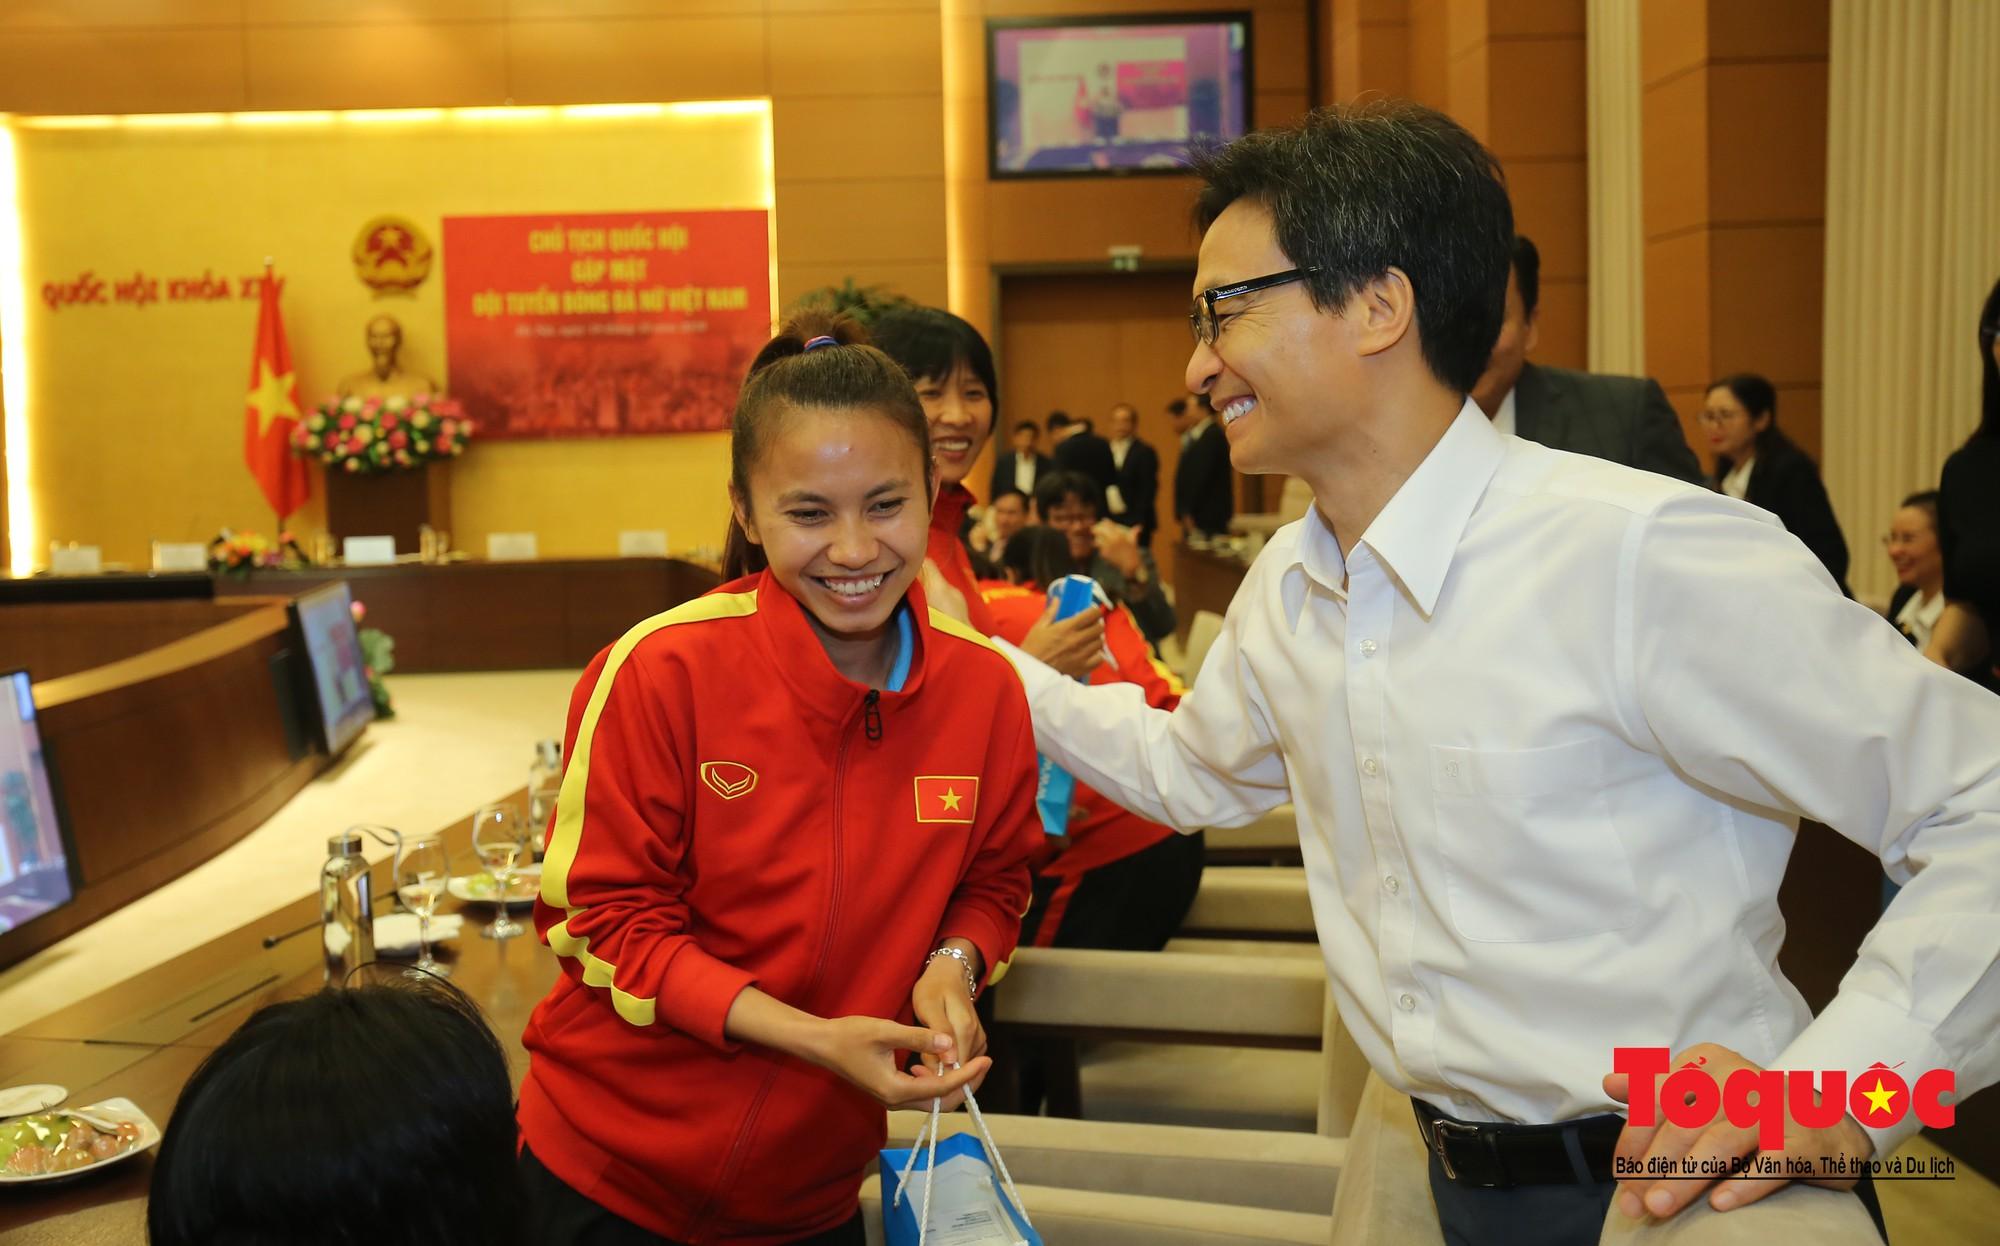 Chủ tịch Quốc hội Nguyễn Thị Kim Ngân: Bóng đá nam nhìn thành tích bóng đá nữ còn phải mơ ước dài17